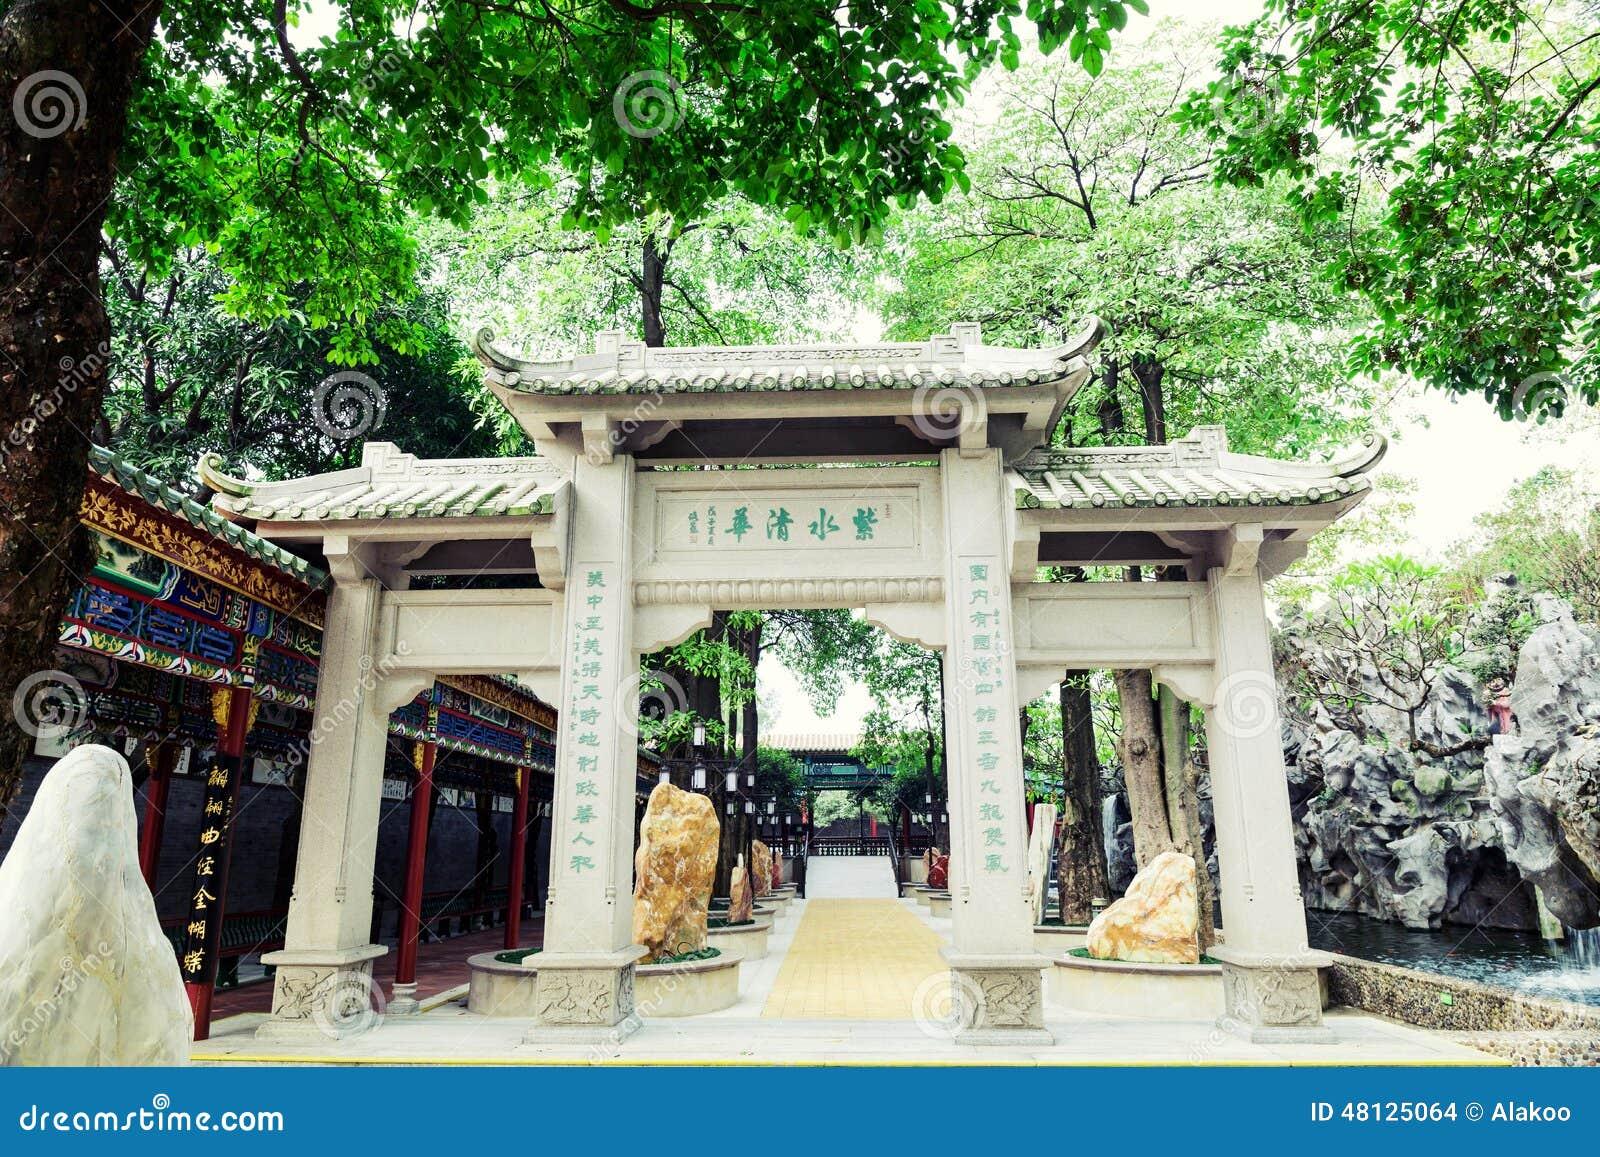 Minnes- valvgång för traditionell kines i den forntida kinesträdgården, östlig asiatisk klassisk arkitektur i Kina